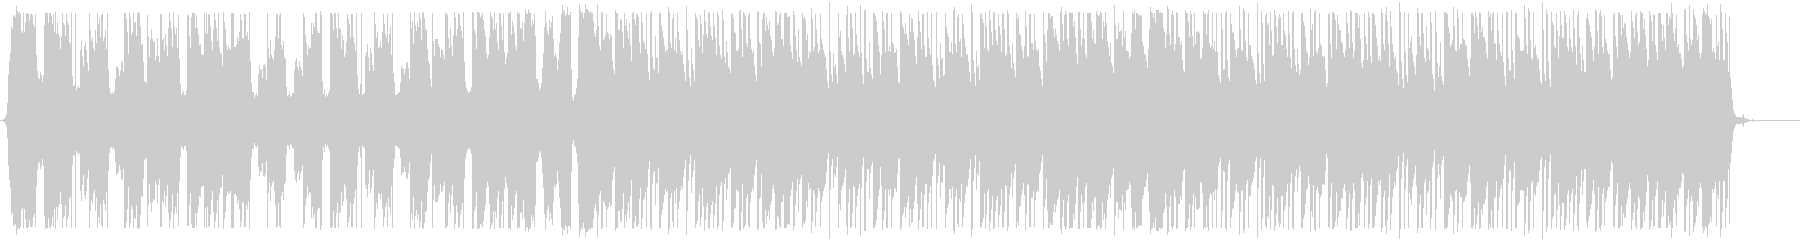 爽やかなトロピカルハウス_No586_4の未再生の波形